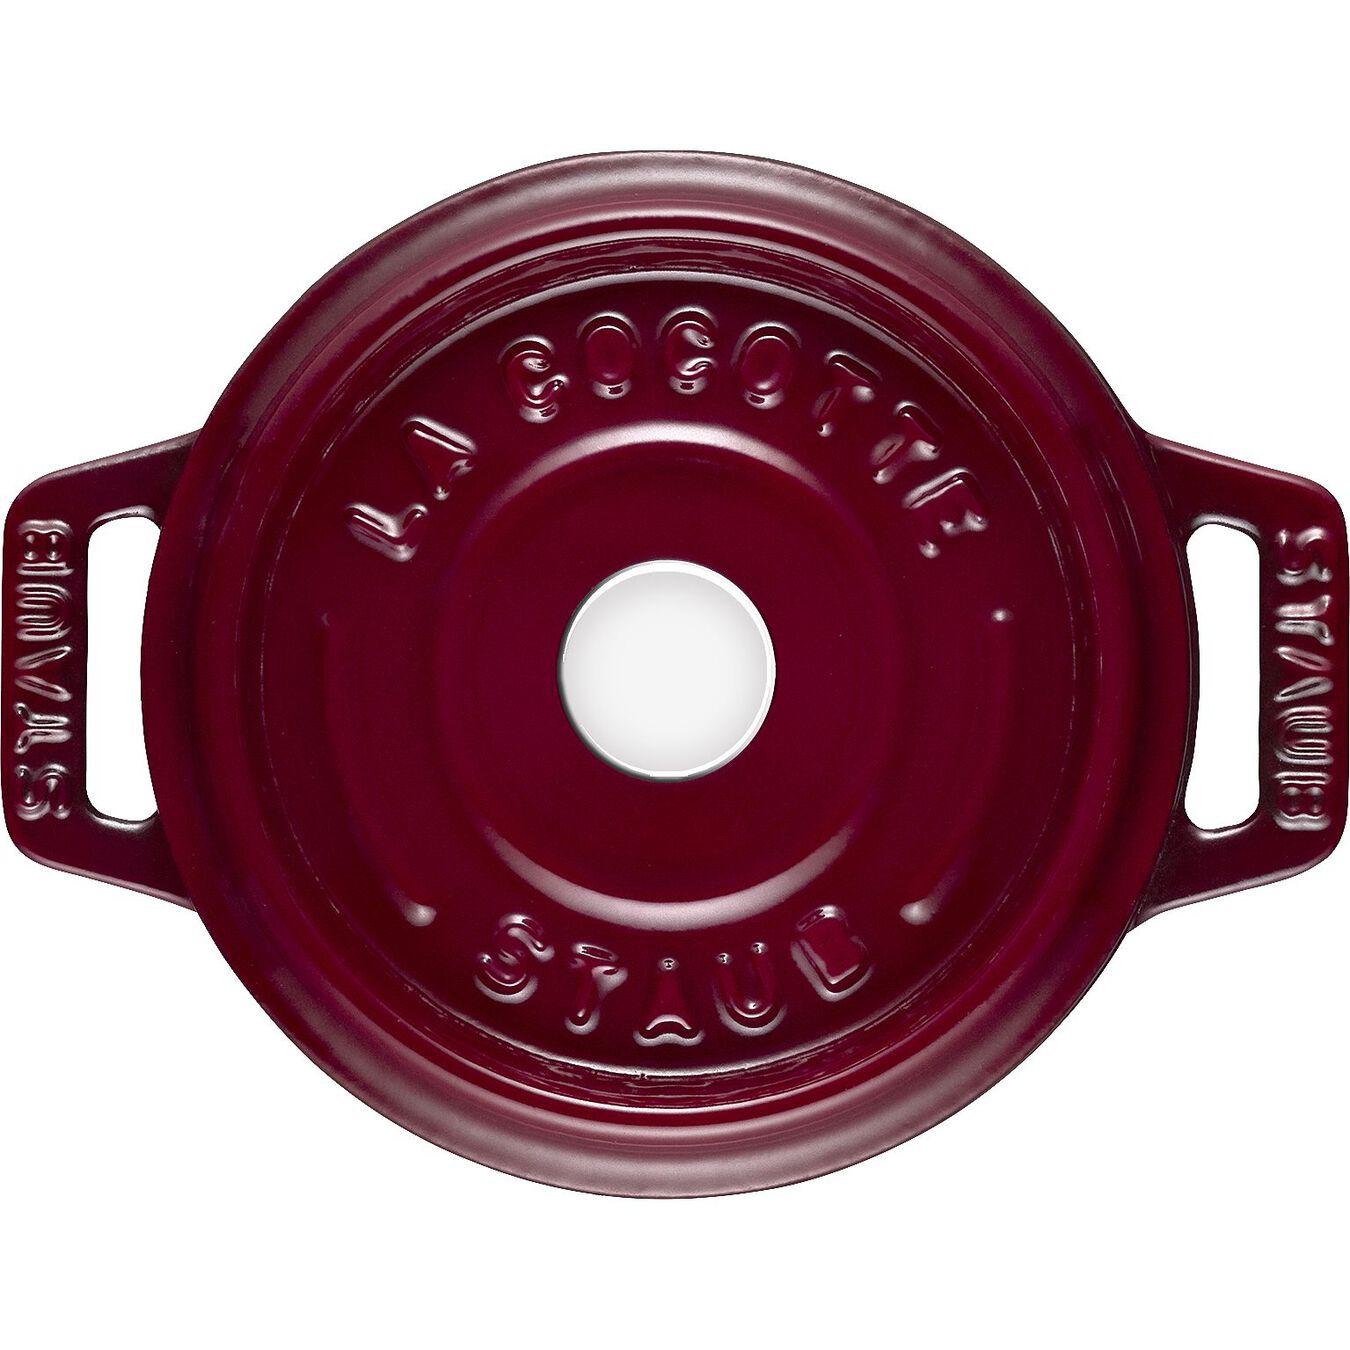 250 ml Cast iron round Mini Cocotte, Bordeaux,,large 3